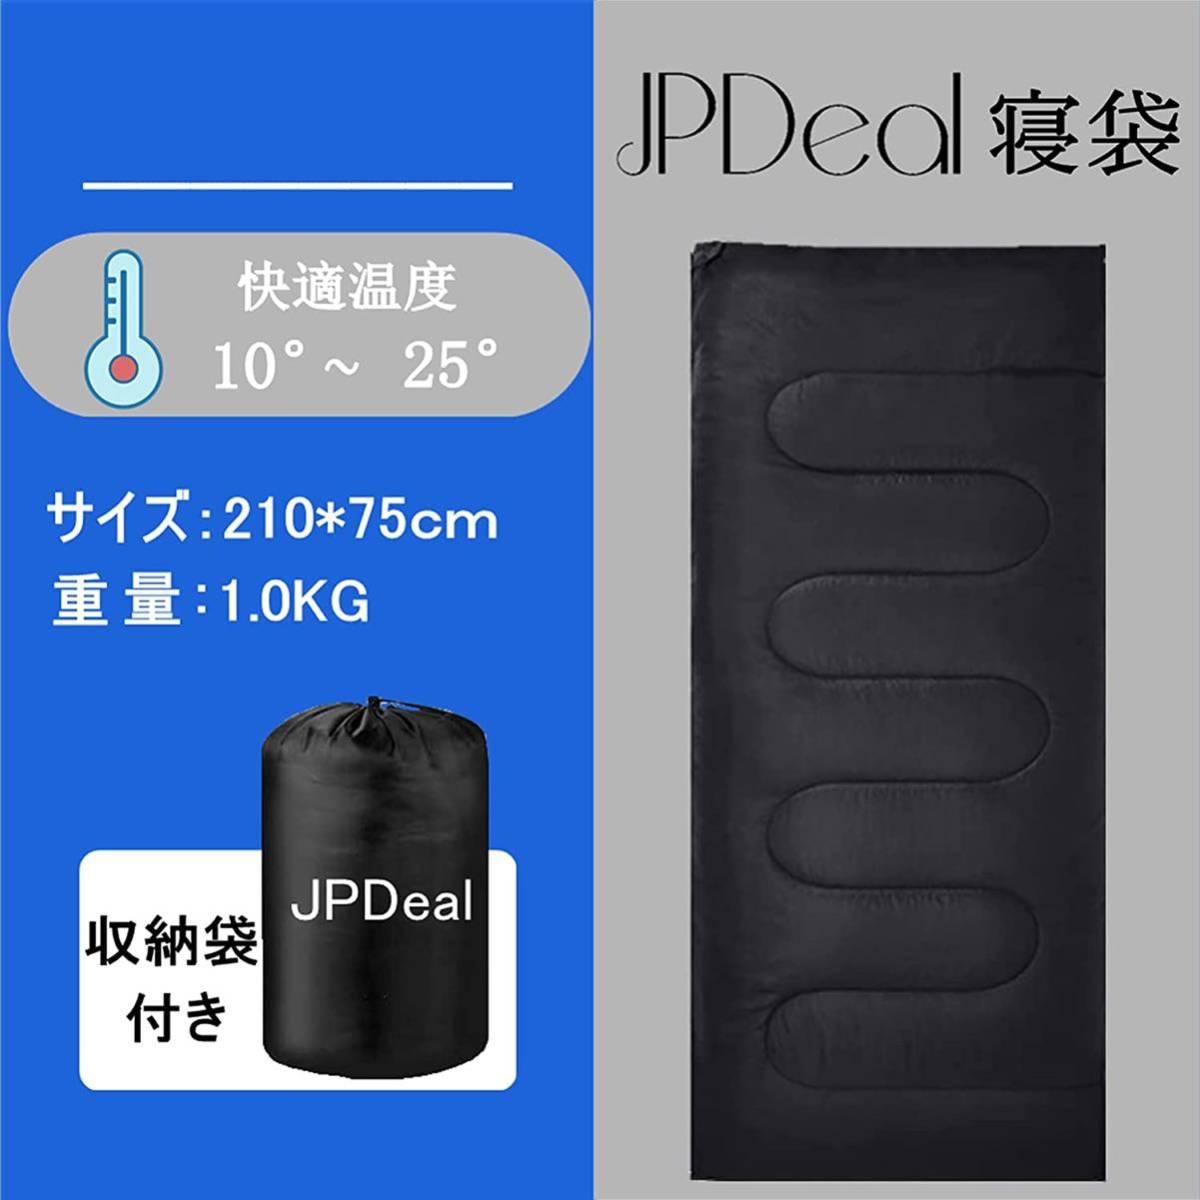 シュラフ寝袋 キャンプ 210T防水 保温 軽量 丸洗い可能 収納袋付き 封筒型